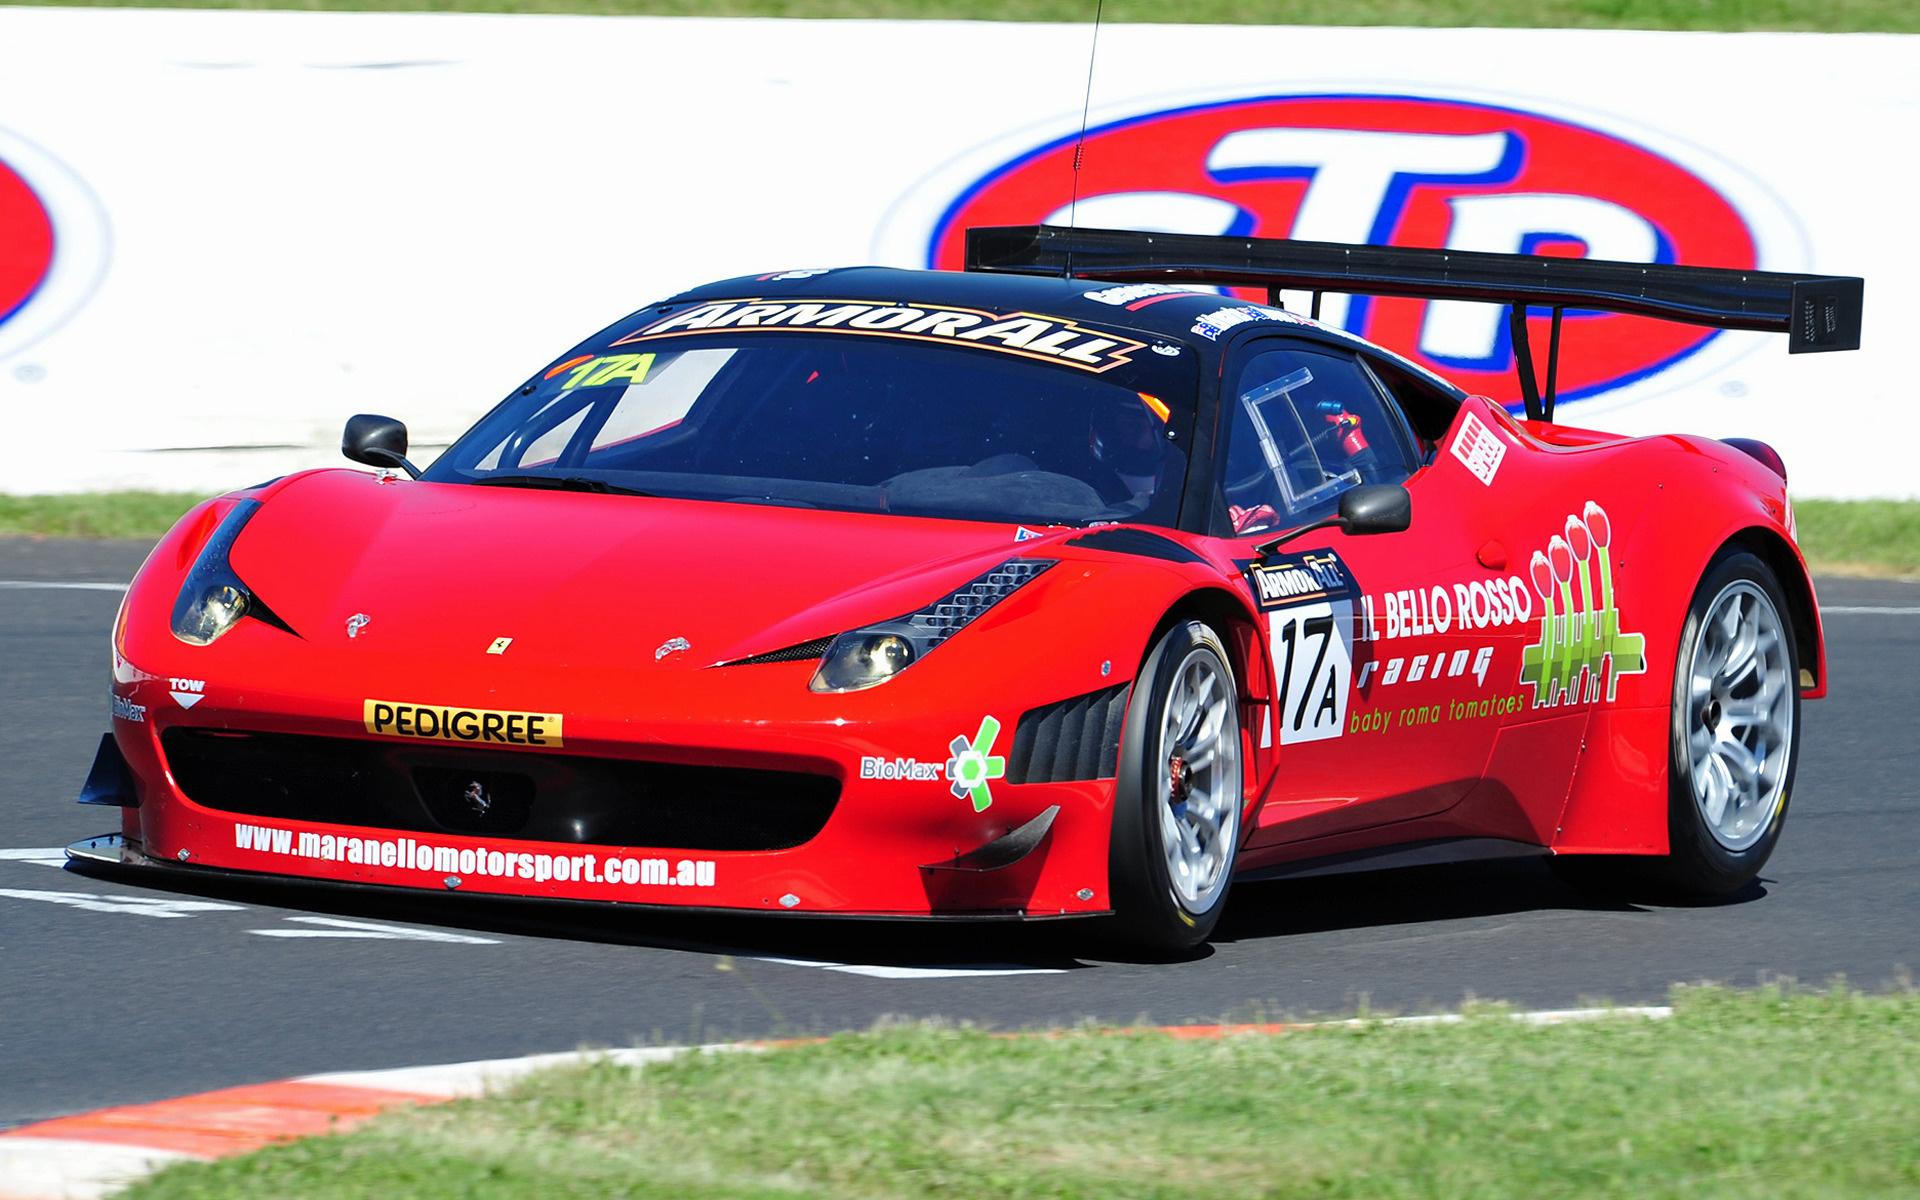 2011 Ferrari 458 Italia Gt3 Papeis De Parede E Imagens De Fundo Em Hd Car Pixel